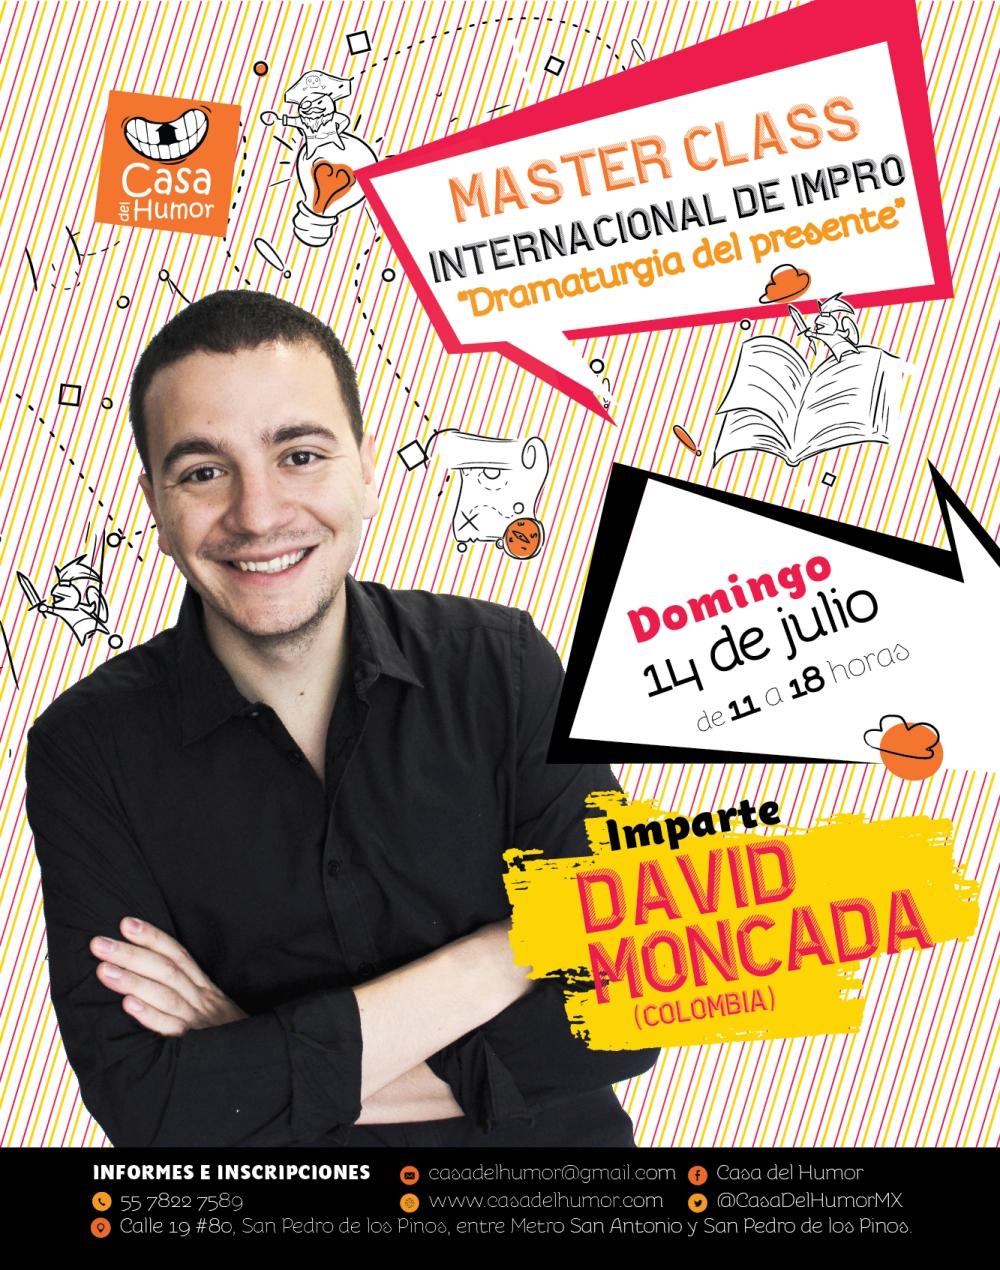 Casa_del_humor_internacional_davidmoncada-01